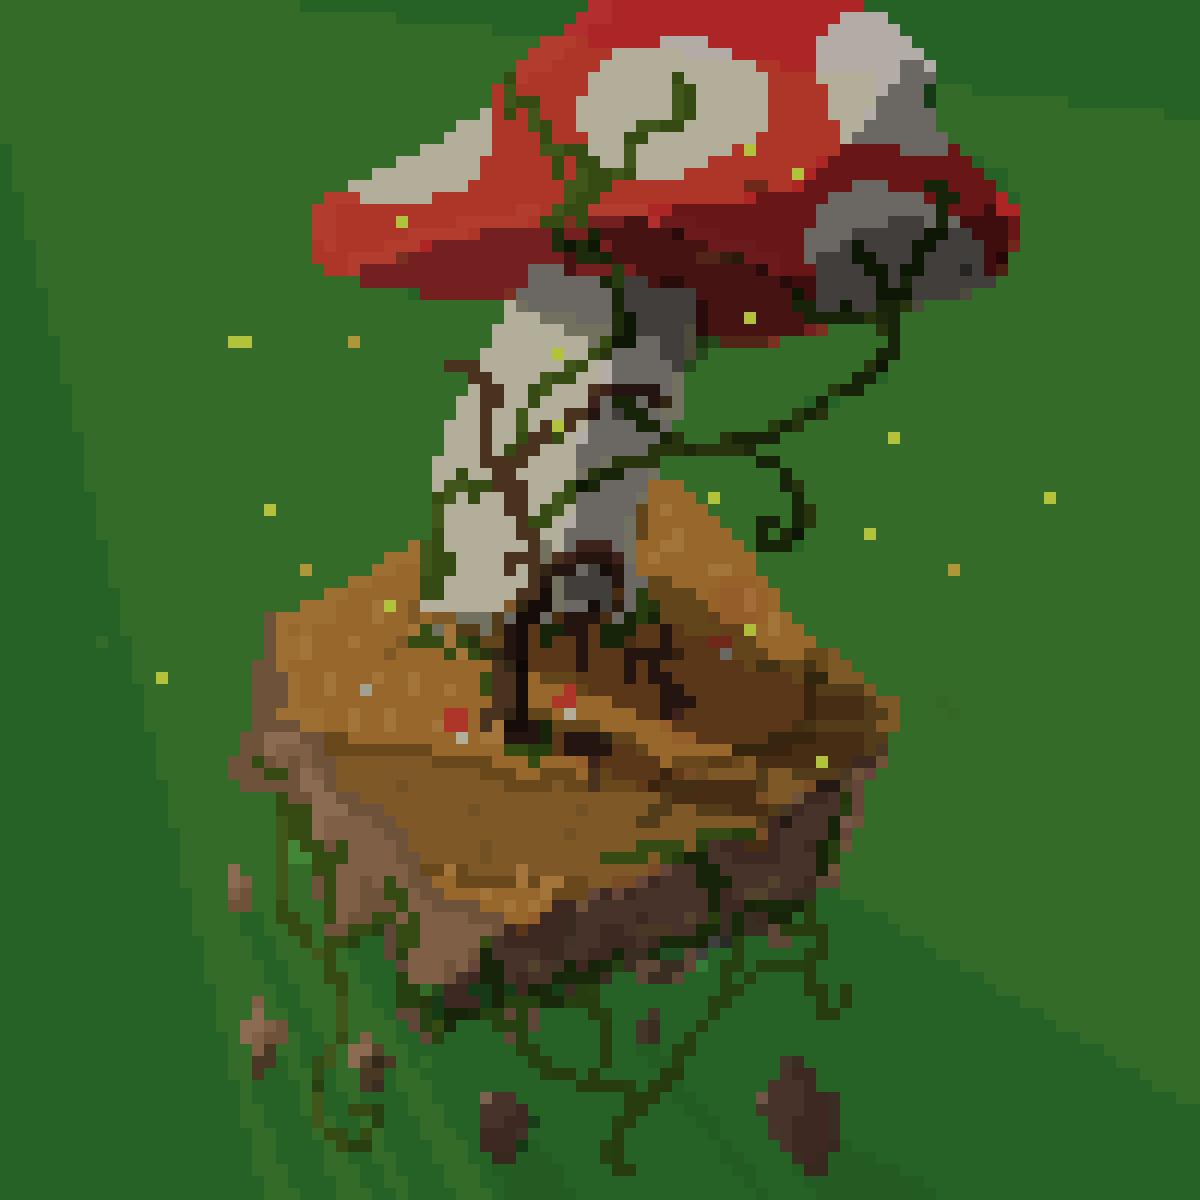 100 x 100 Mushroom Land by cybella